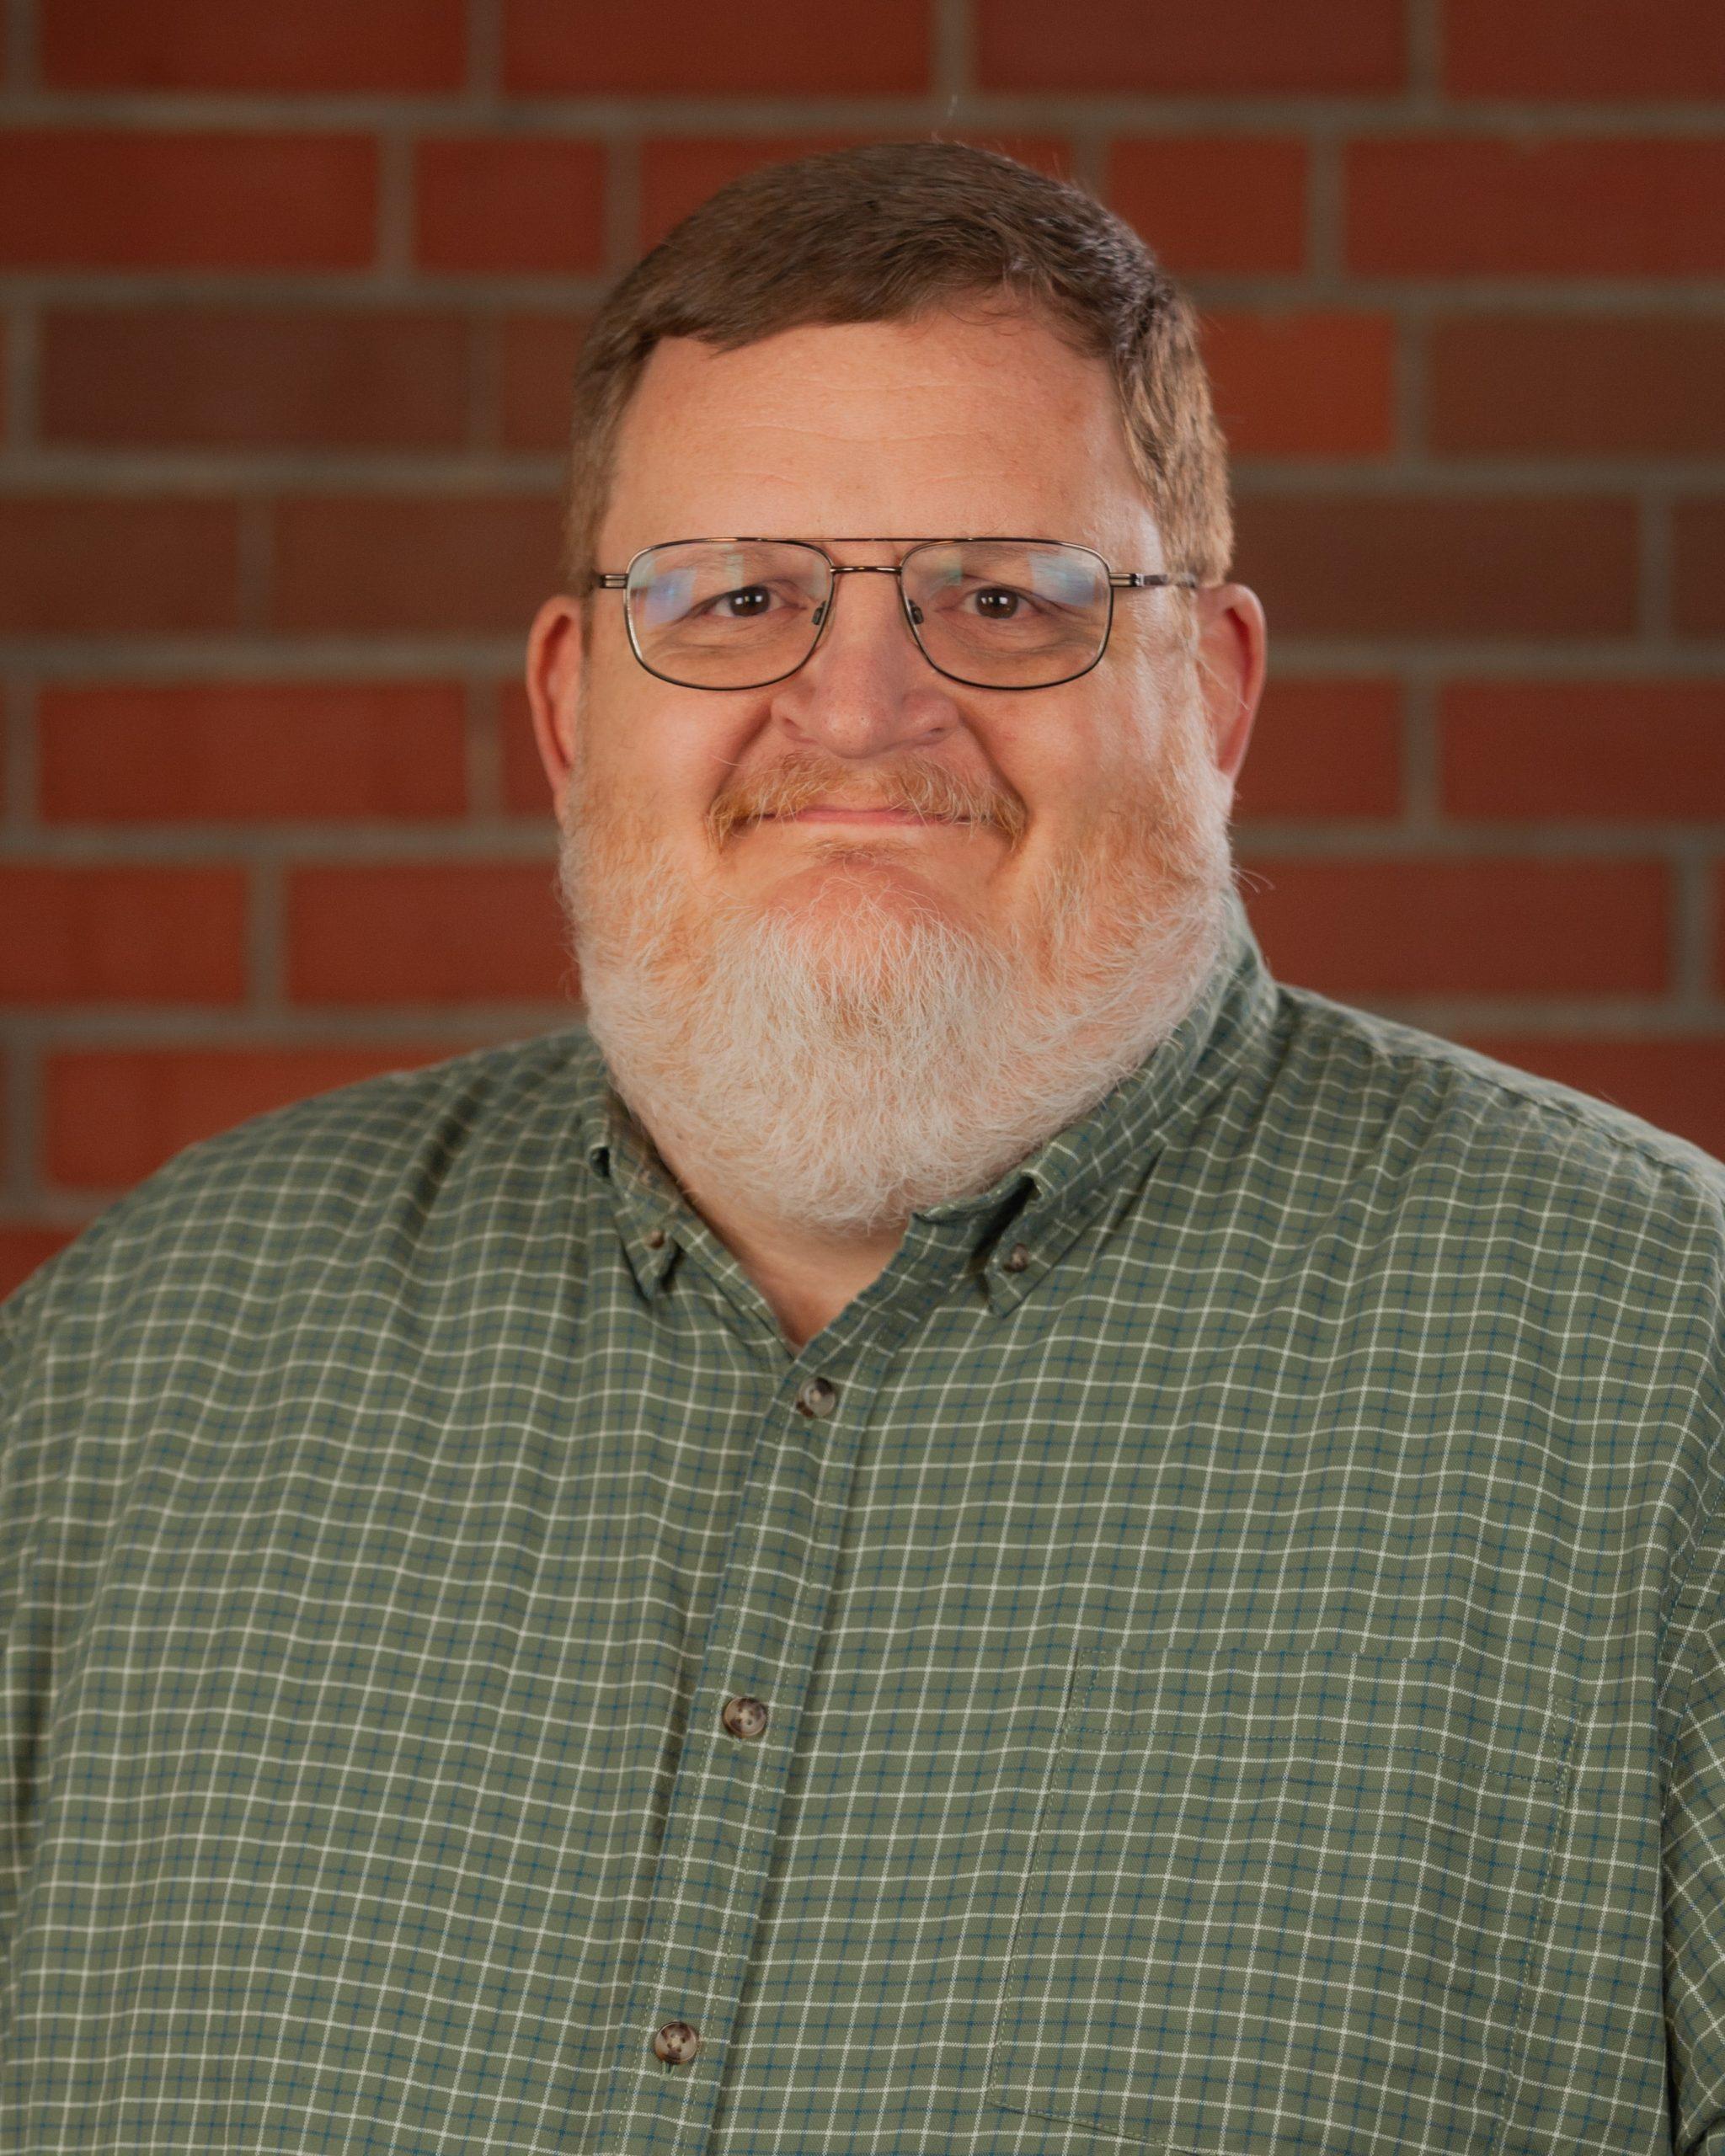 Image of Kirby Gleason